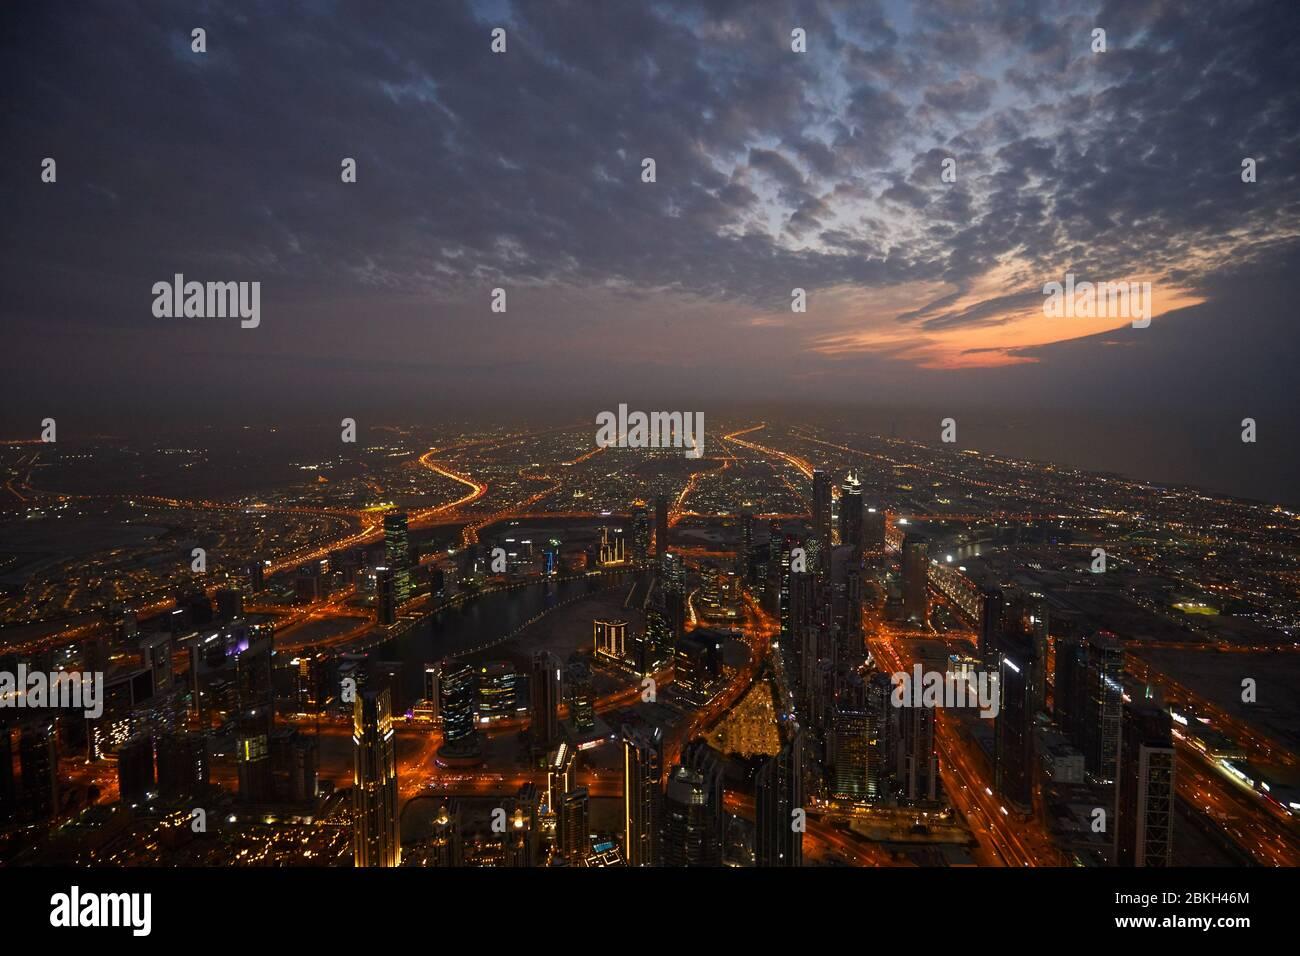 Dubai, EMIRATS ARABES UNIS - 19 NOVEMBRE 2019: Dubaï a illuminé la ville vue de haut angle avec gratte-ciel dans la soirée de Burj Khalifa Banque D'Images